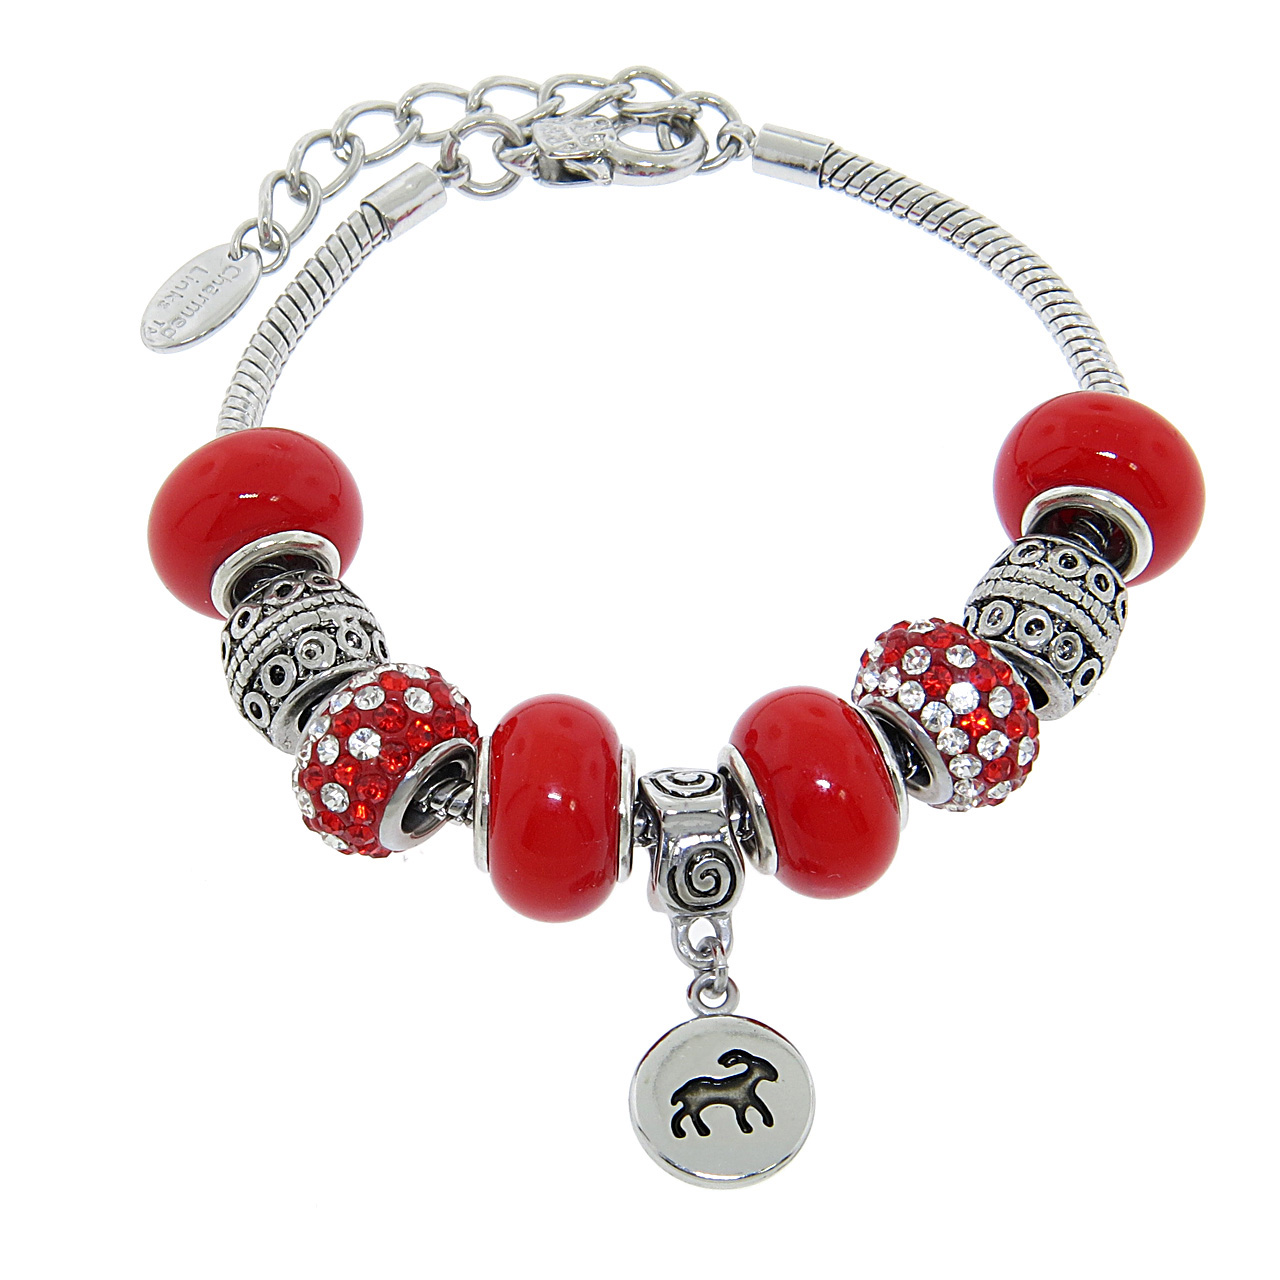 Zodiac Charm Bracelet: Italian Murano Glass Zodiac Charm Bracelets